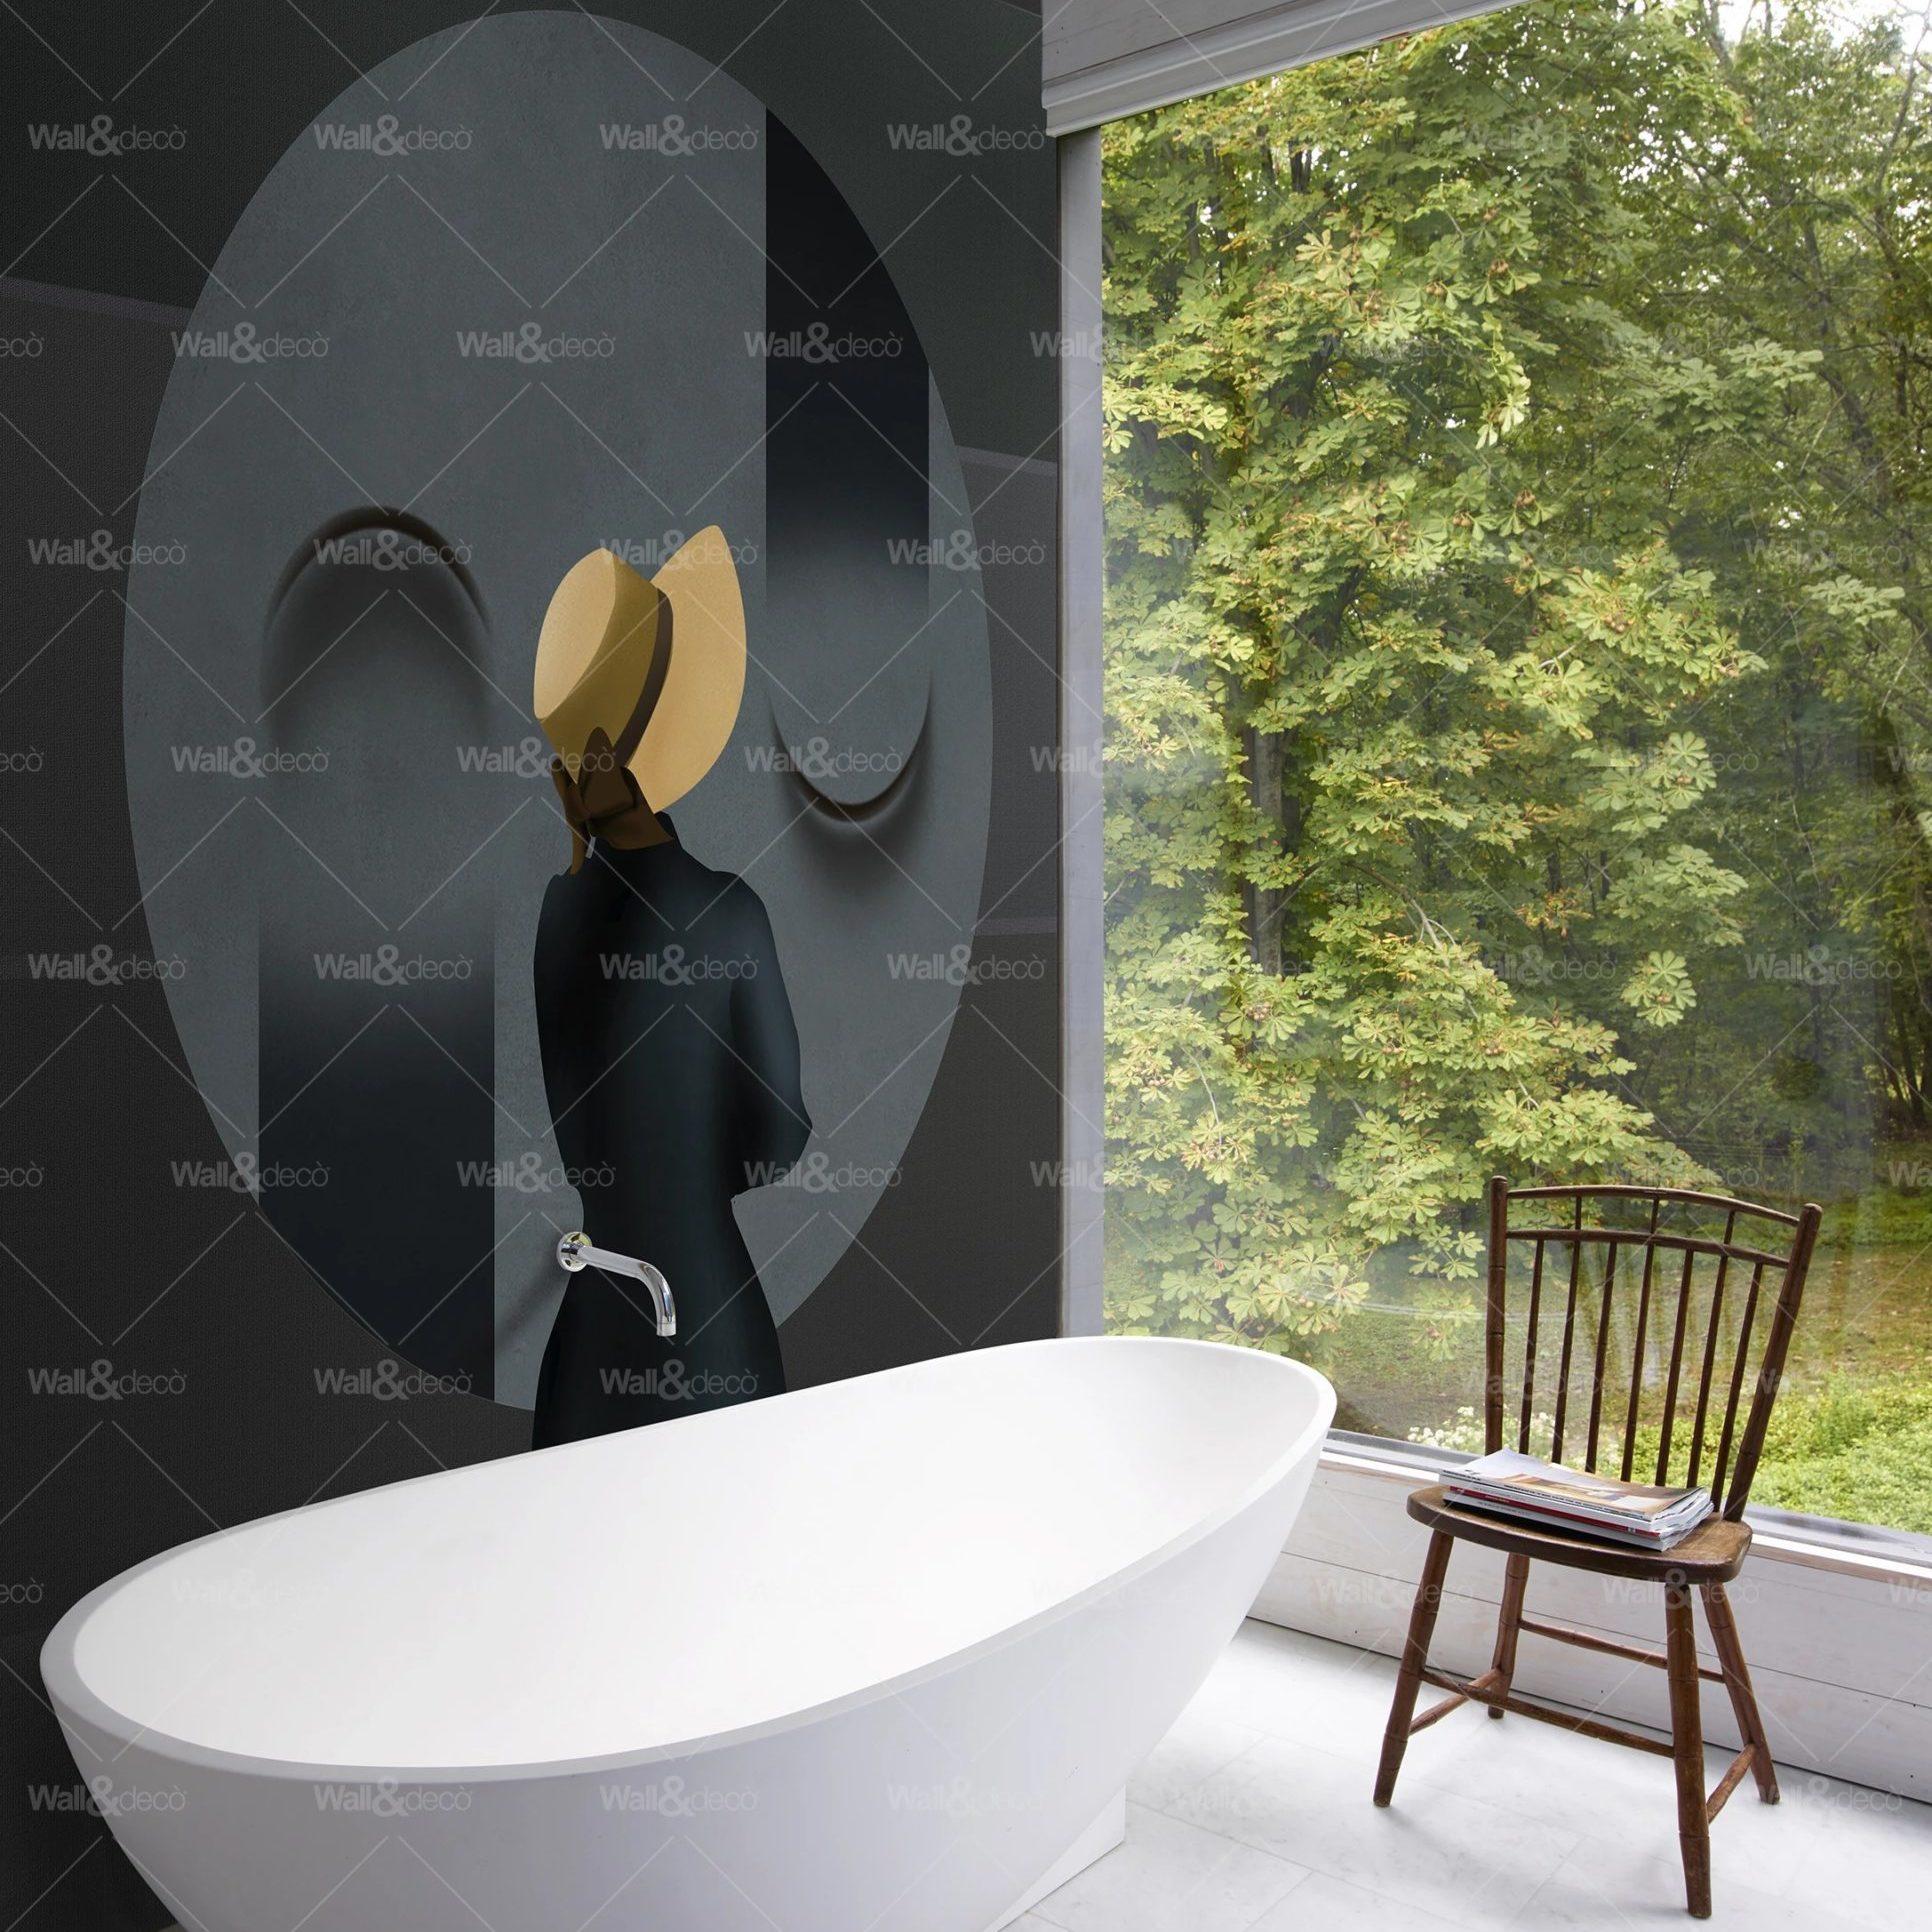 wall-et-deco-papier-peint-salle-de-bain-design-vue-jardin